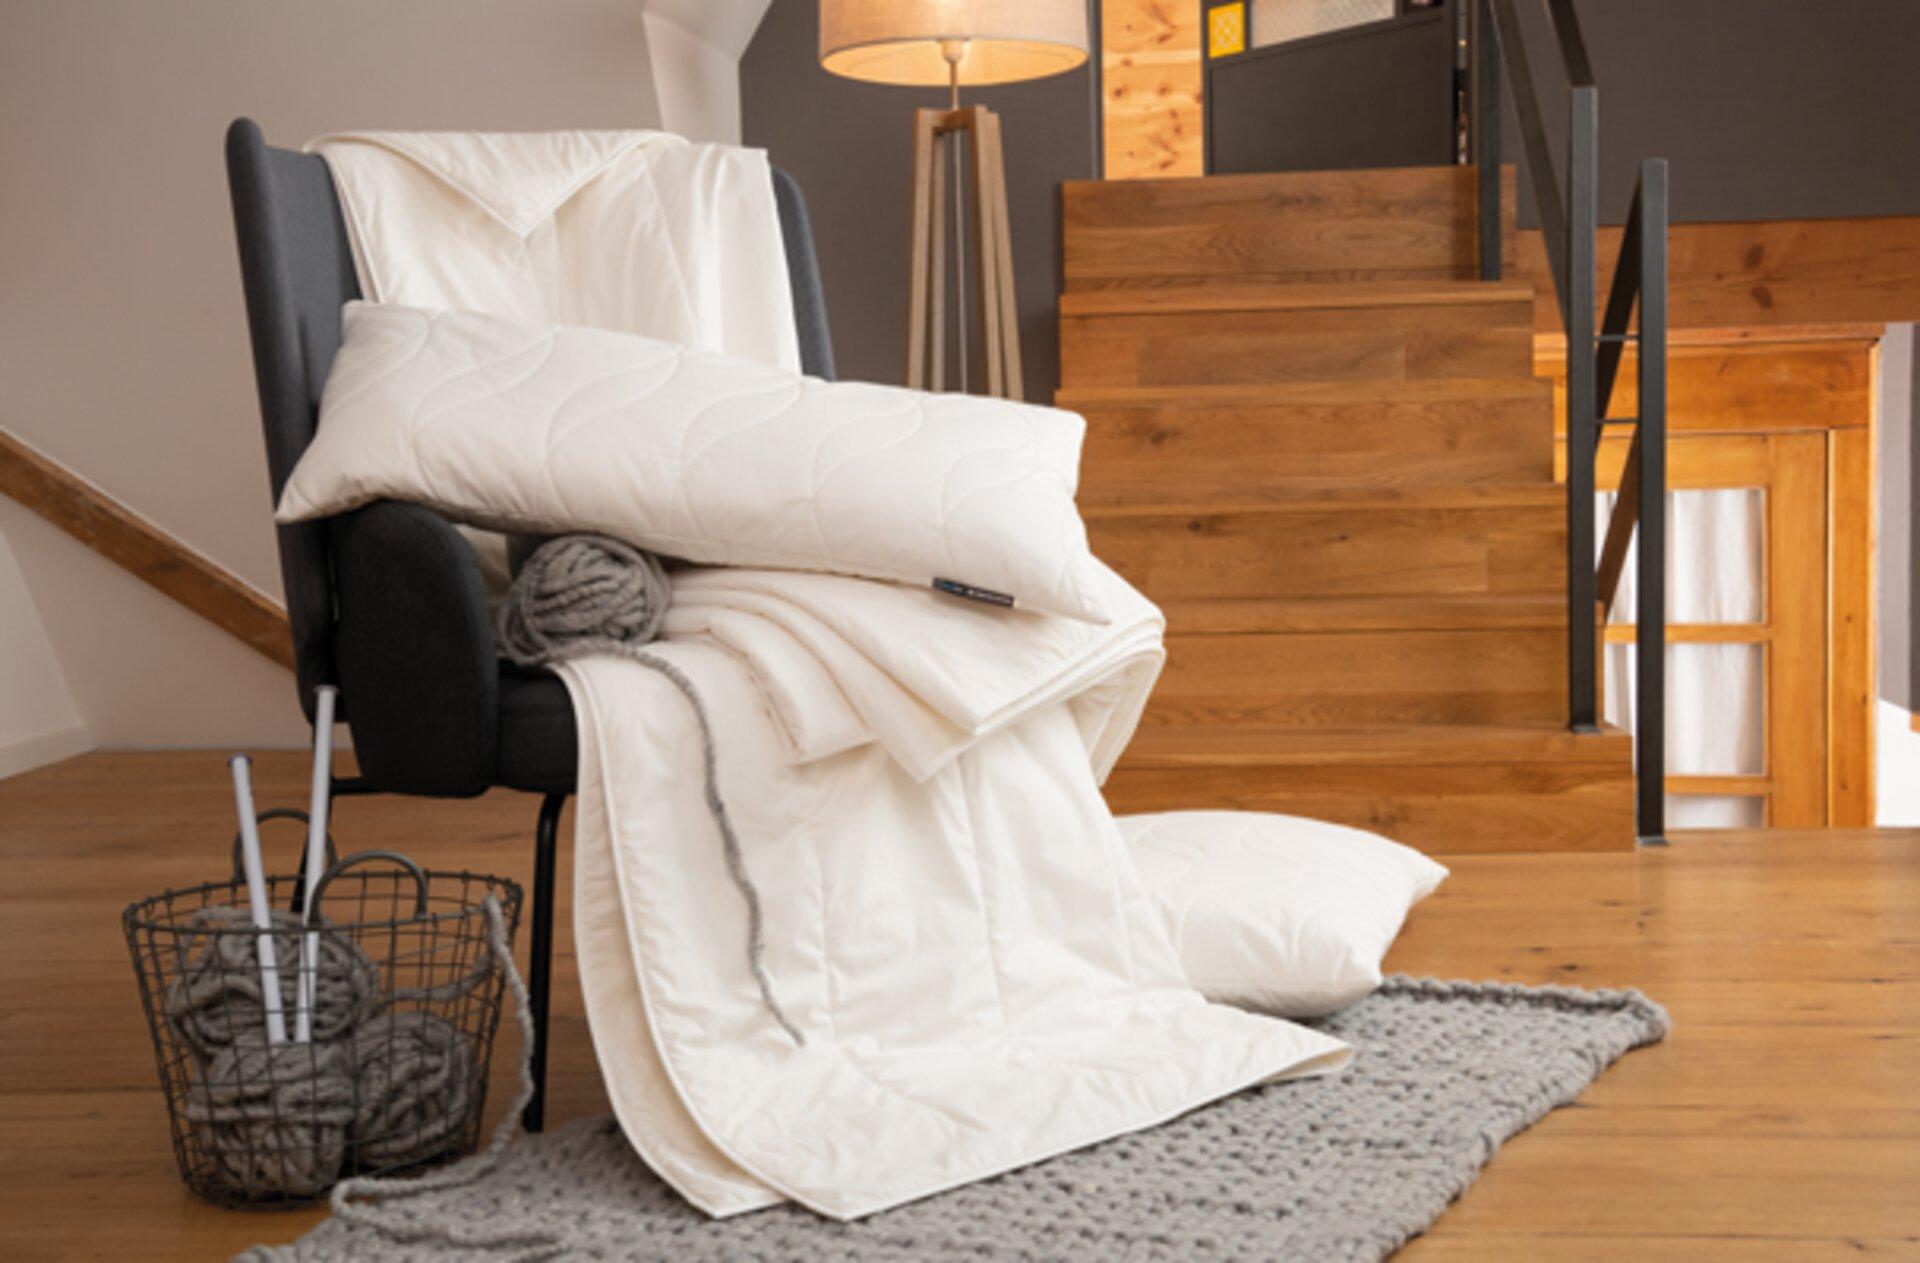 centa-star hersteller textilien schlafen bettwäsche kopfkissen